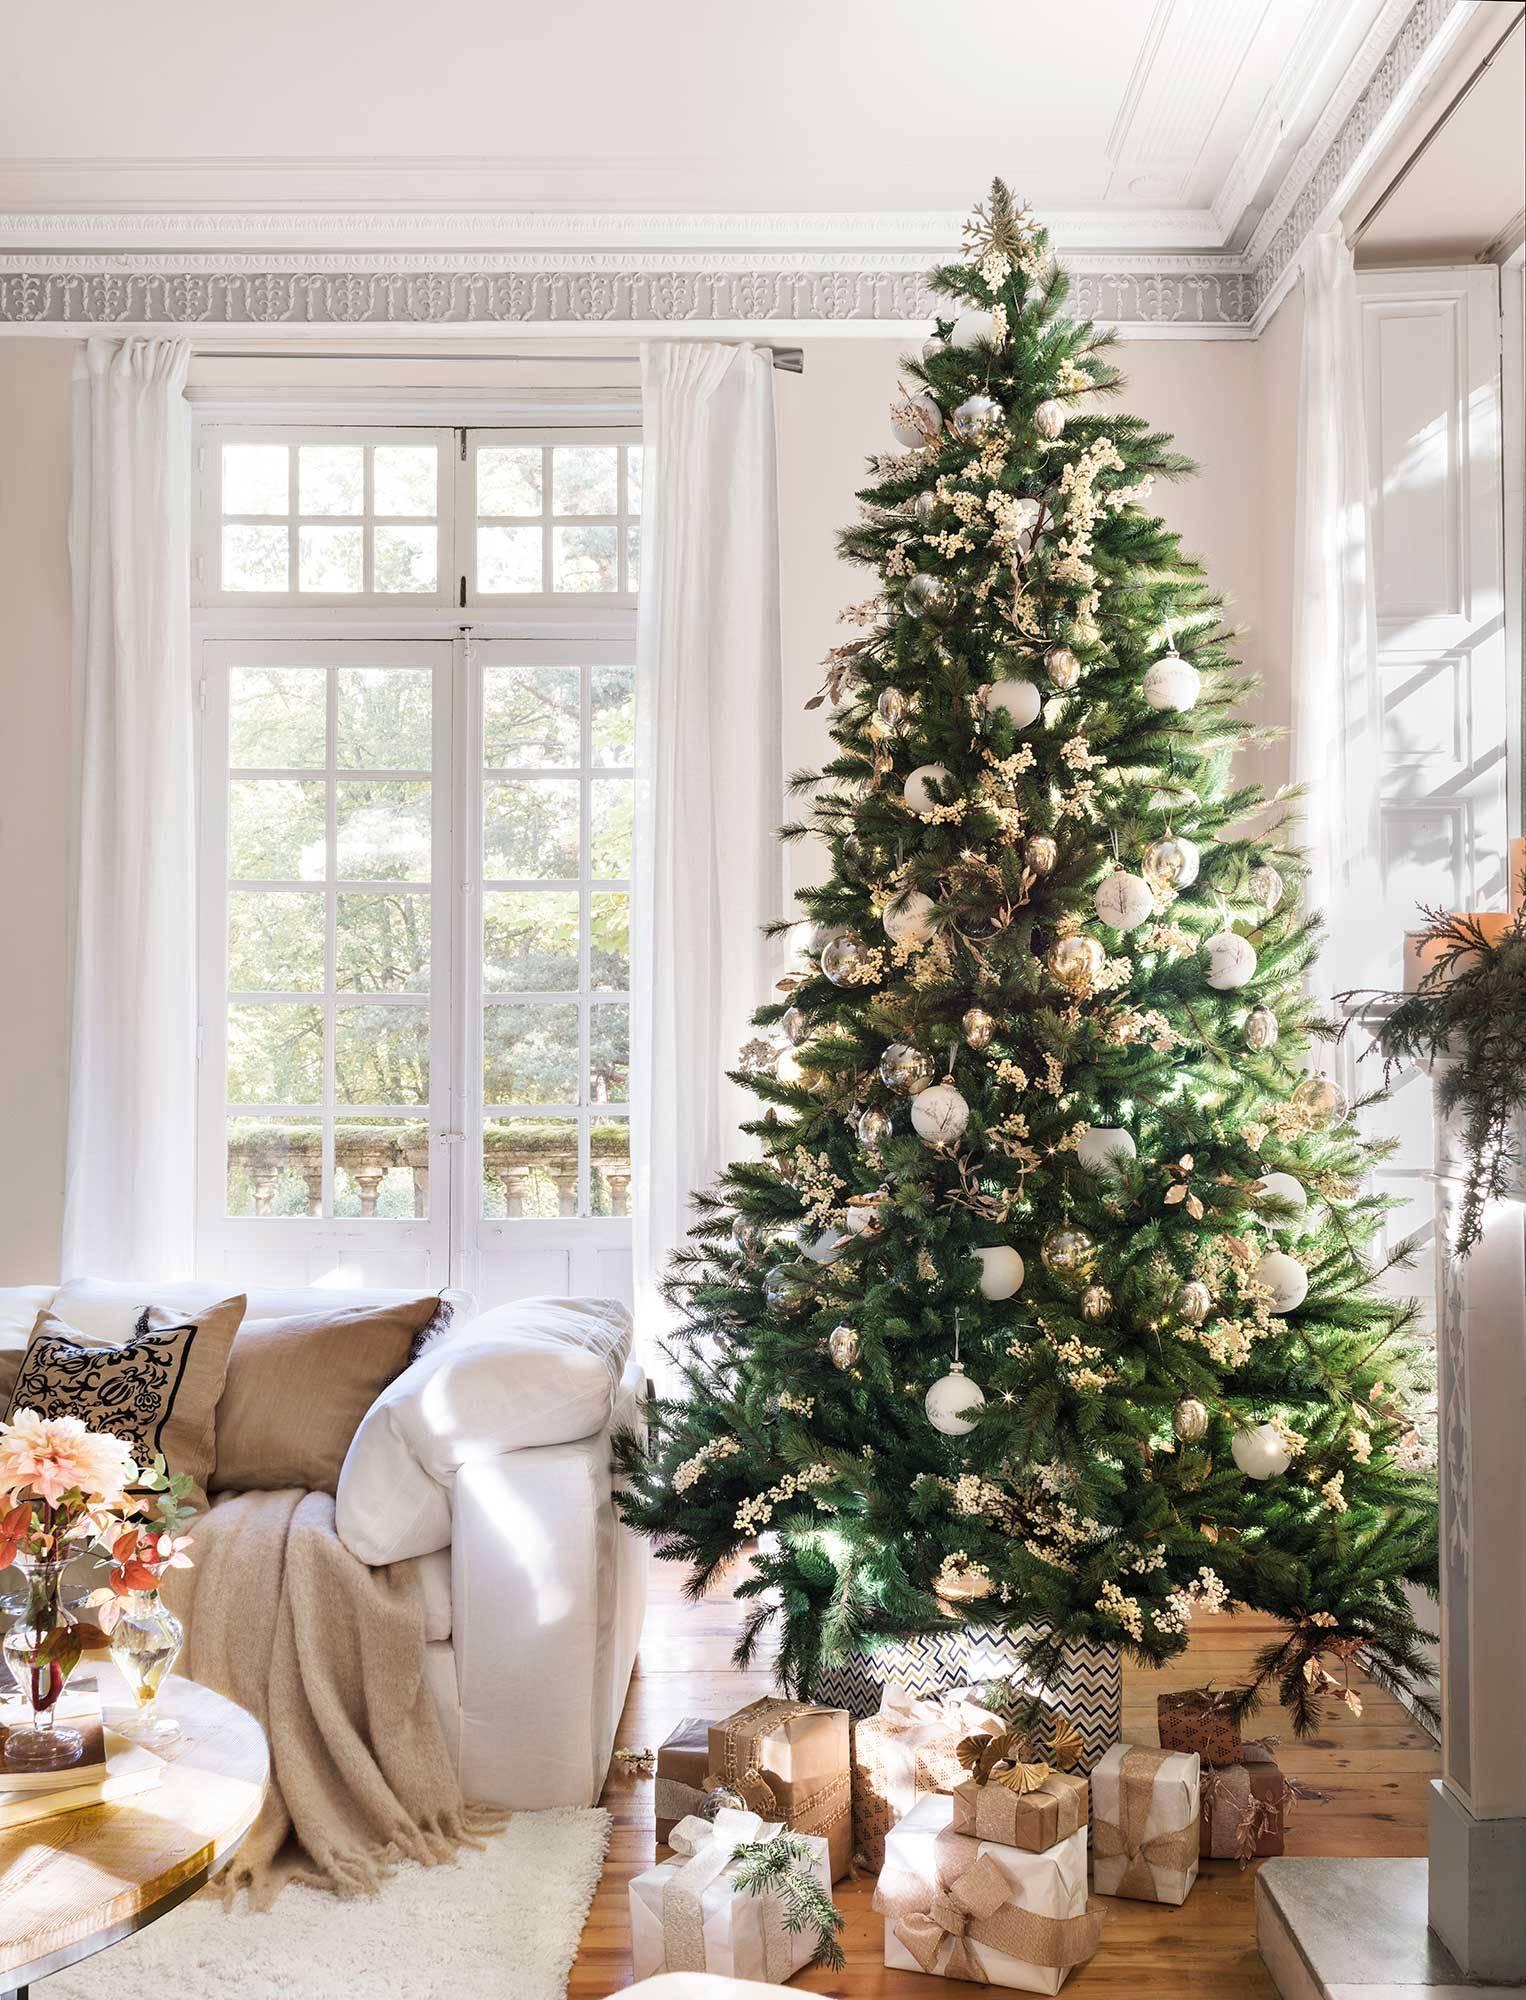 Azul Blanco Copos De Nieve-Pintado a Mano Hecha a Mano Mar de Cristal de árbol de Navidad Decoración